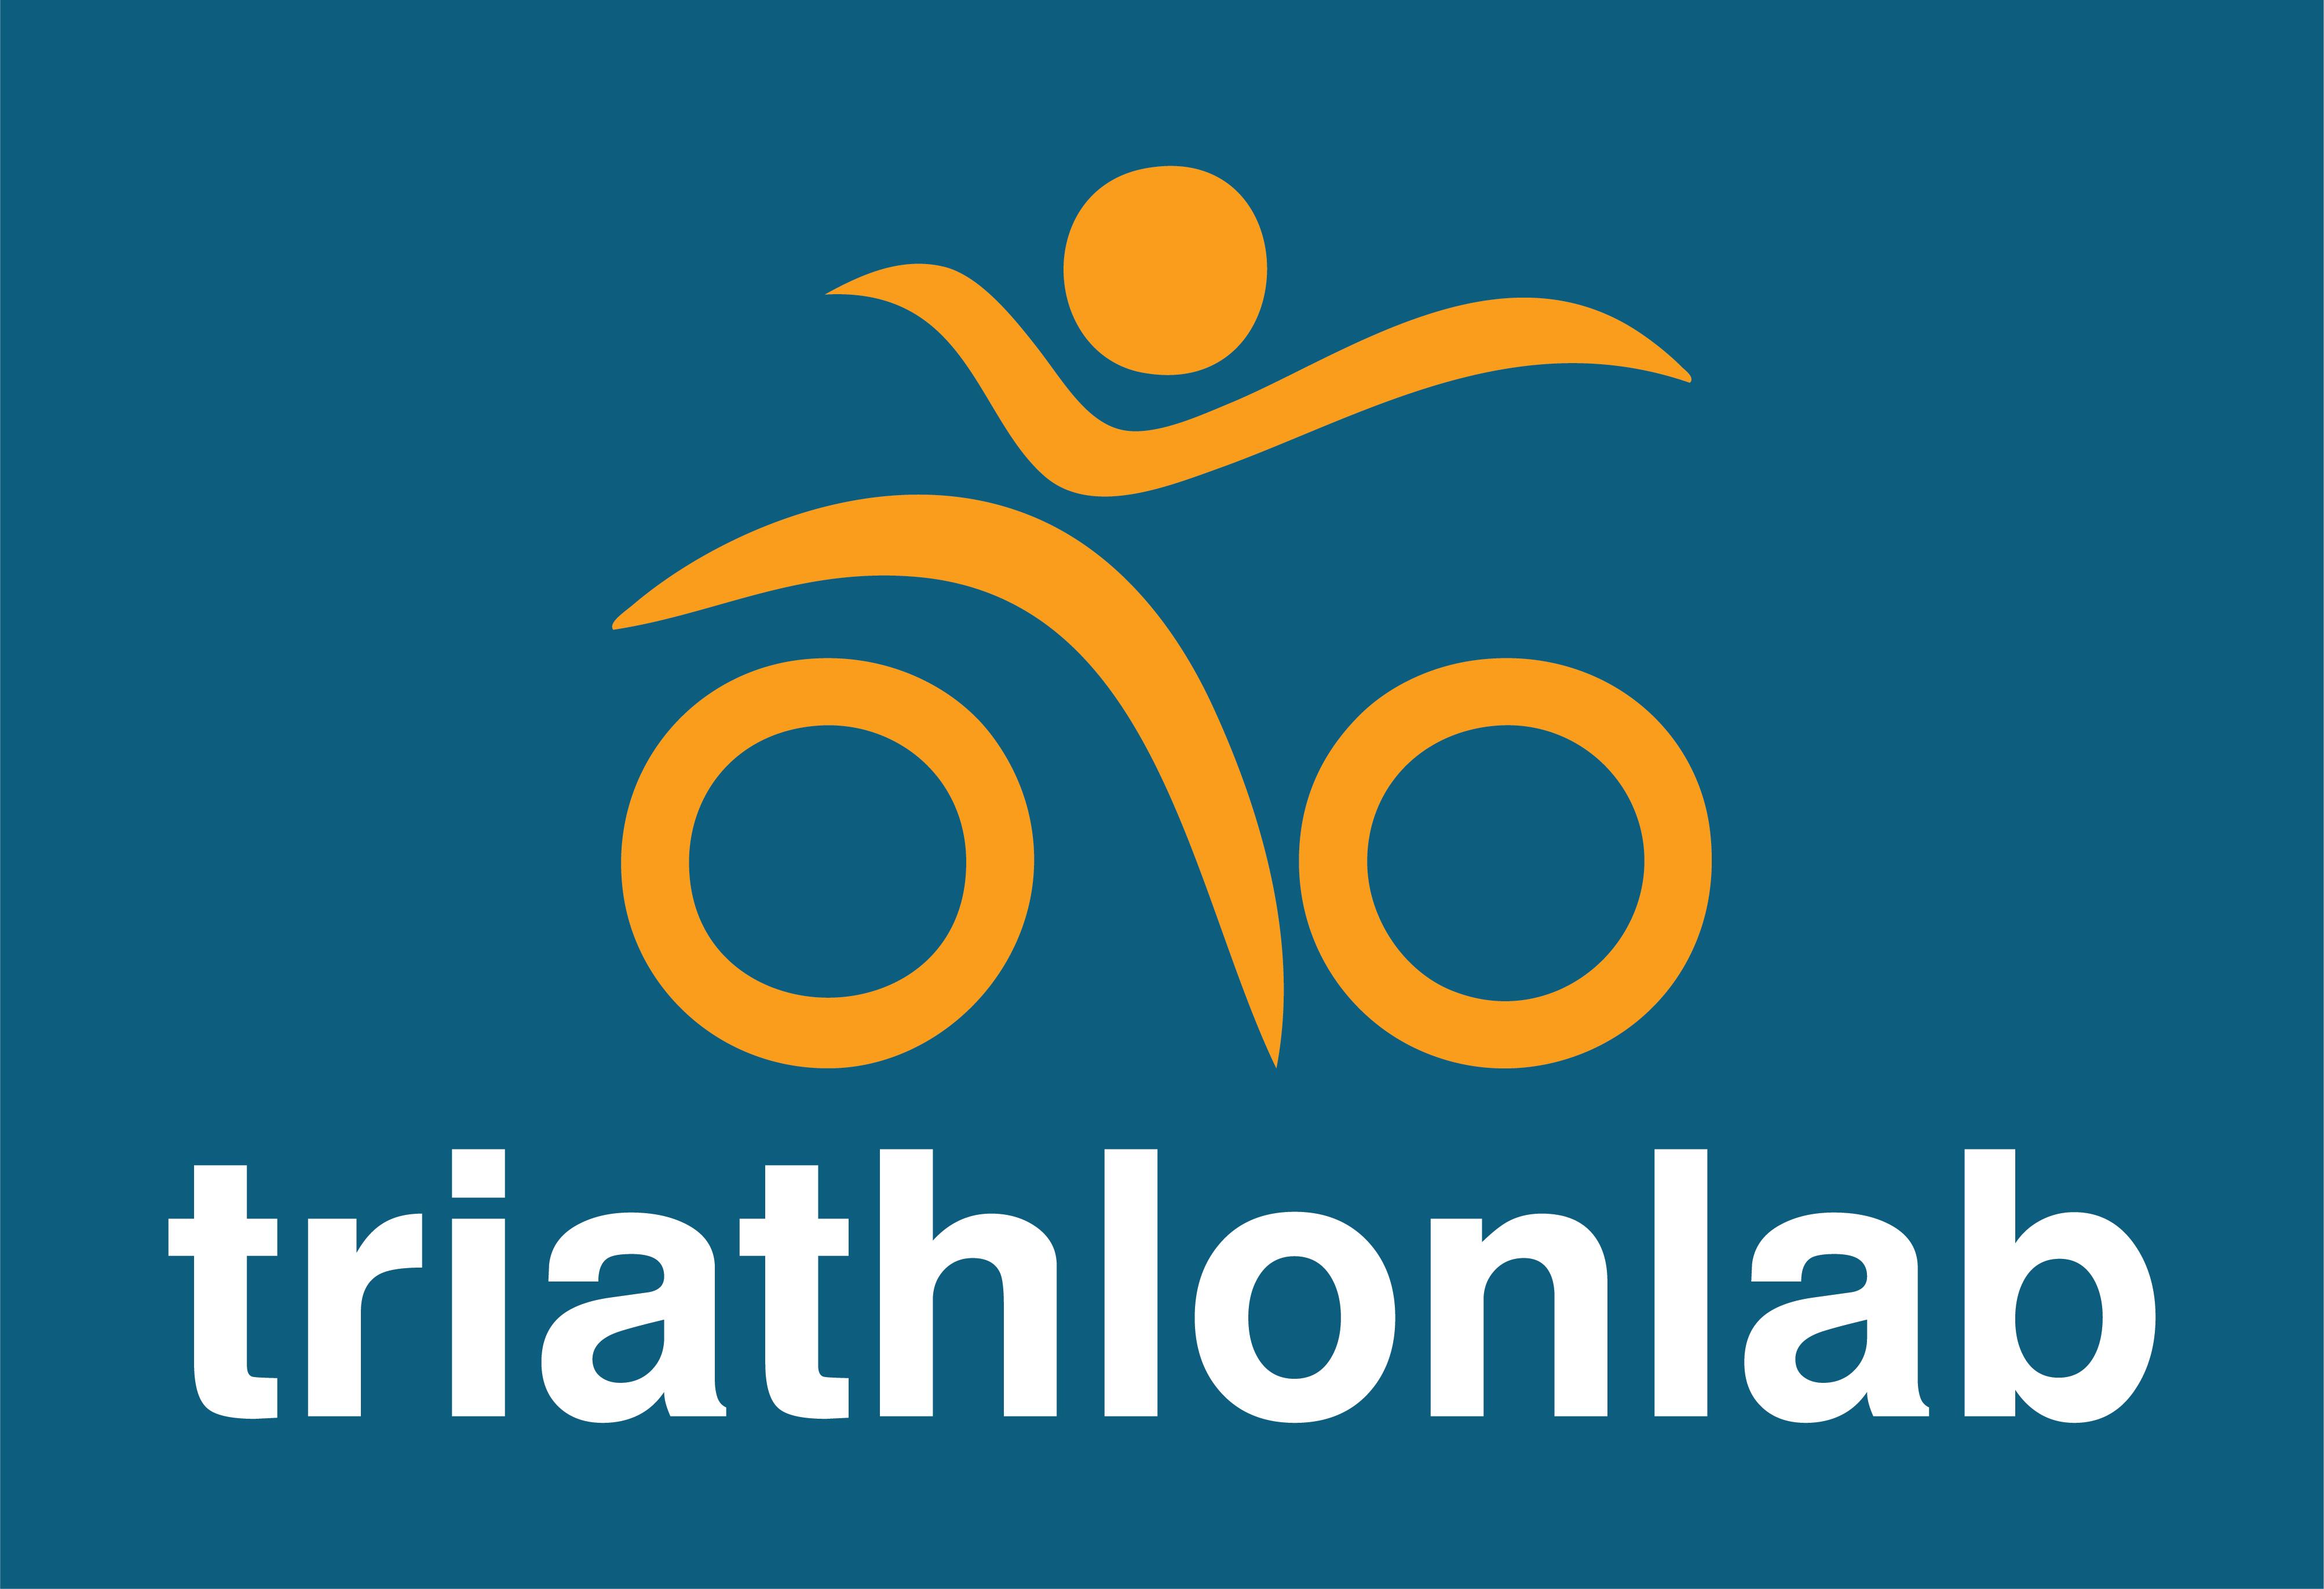 Τρίαθλο (κολύμβηση ποδηλασία τρέξιμο) ; Παρουσίαση του αθλήματος